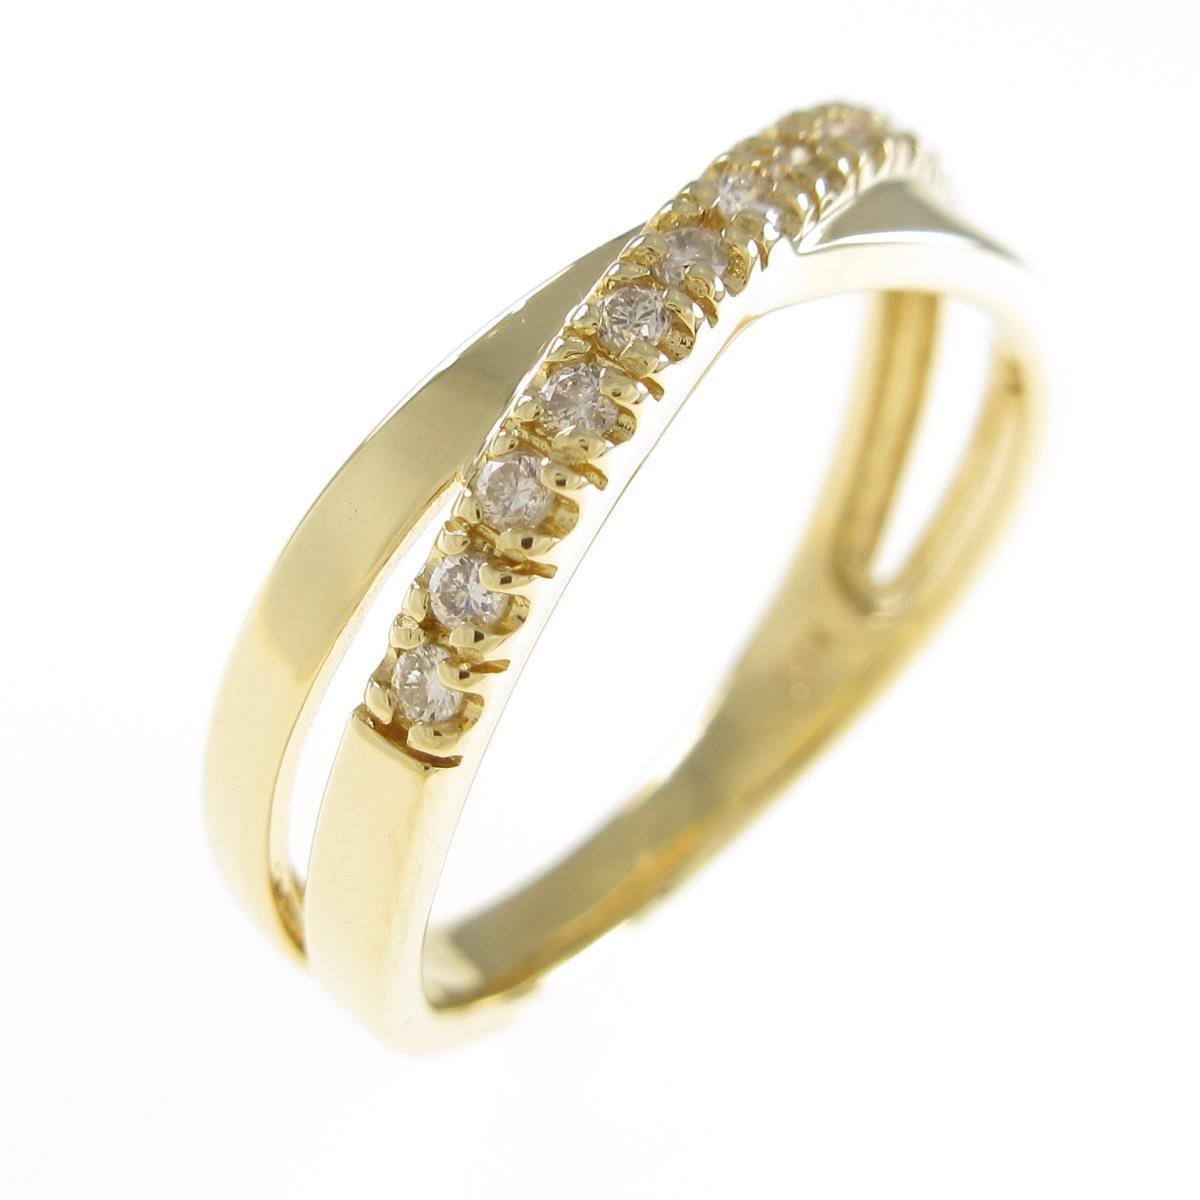 激安通販専門店 K18YG ダイヤモンドリング 毎日がバーゲンセール 中古